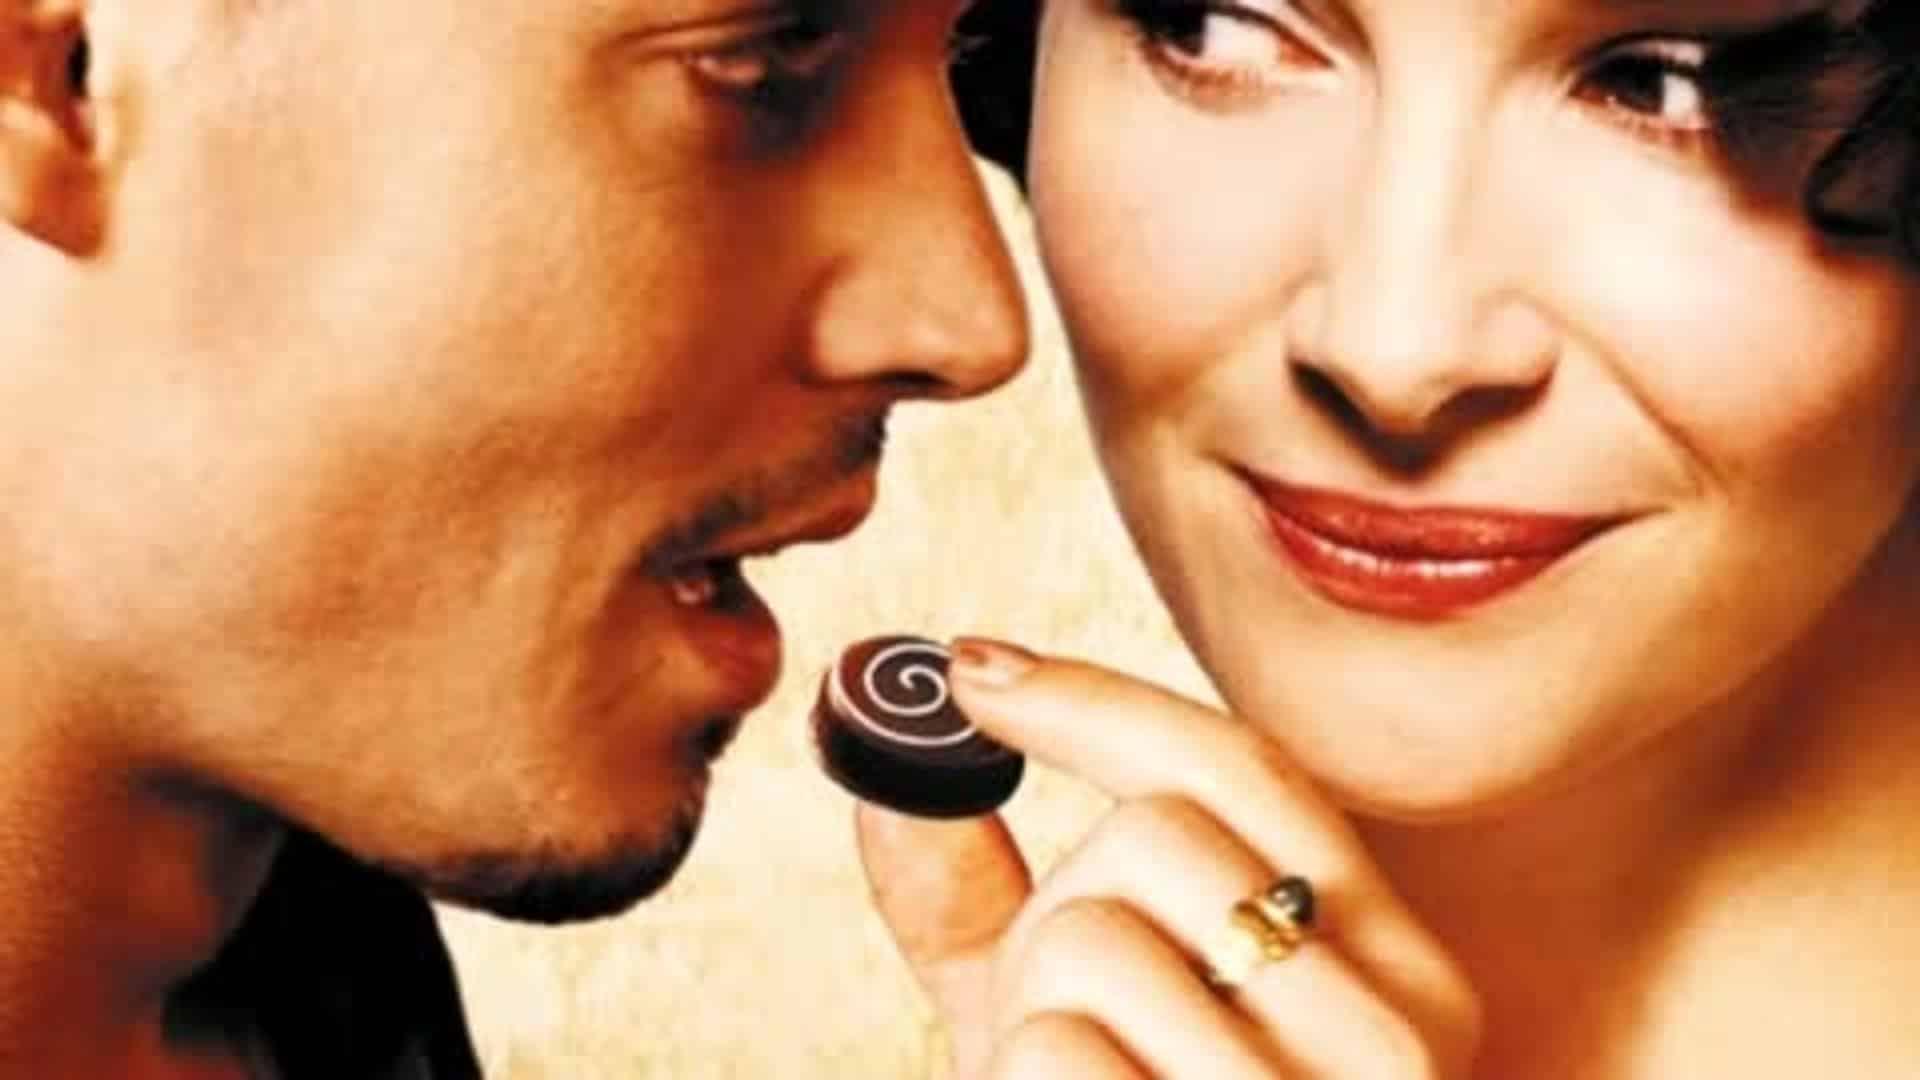 Frasi Sul Sorriso Johnny Depp.Chocolat Frasi Dal Film Con Johnny Depp E Juliette Binoche